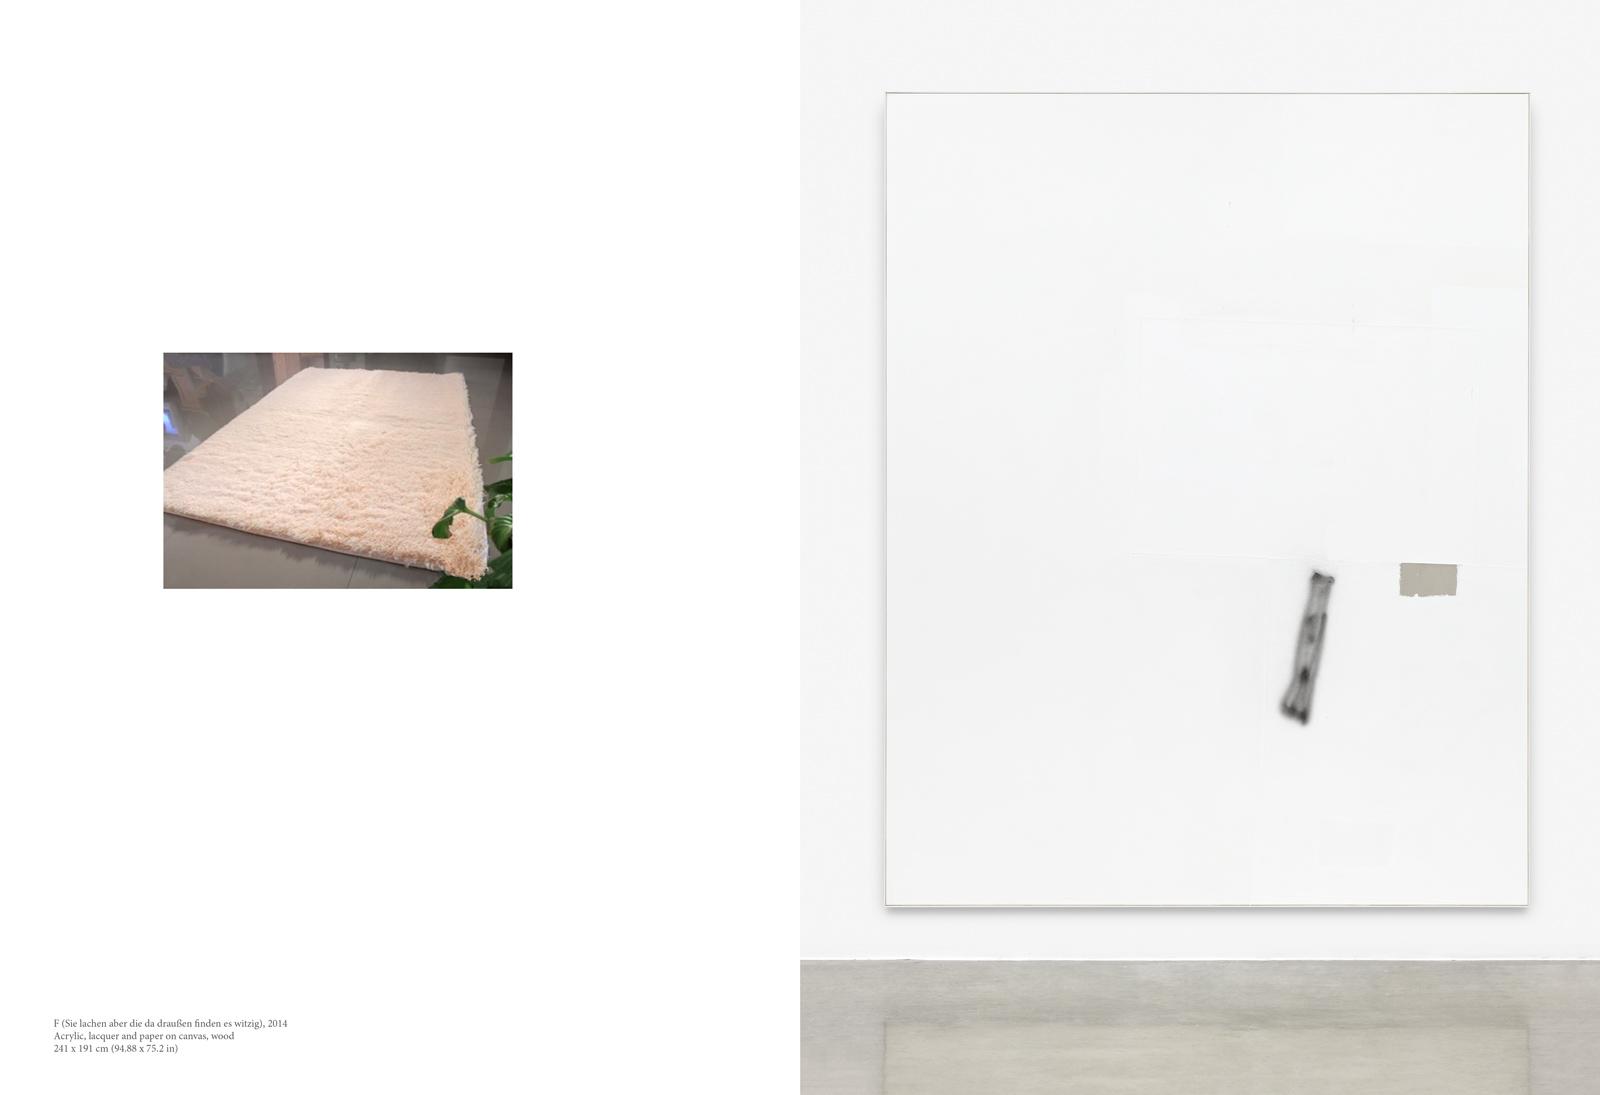 David Ostrowski, F (Sie lachen aber die da draußen finden es witzig), 2014, Acrylic, lacquer and paper on canvas, wood, 241 x 191 cm (94.88 x 75.2 in)